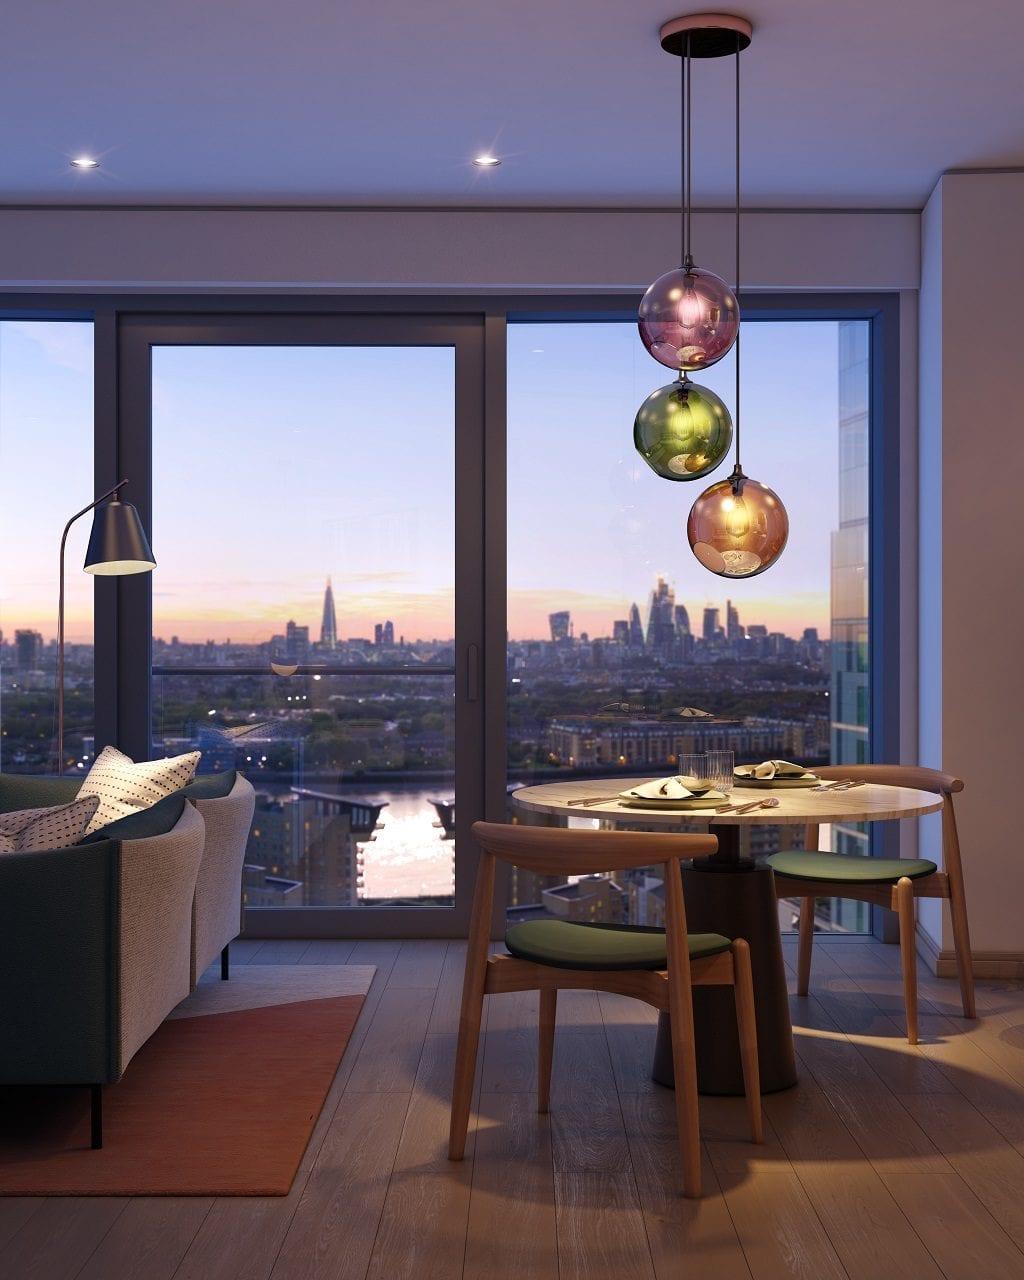 Raeon-Aspen-Level-26-Type-SC-Livingroom-Vignette